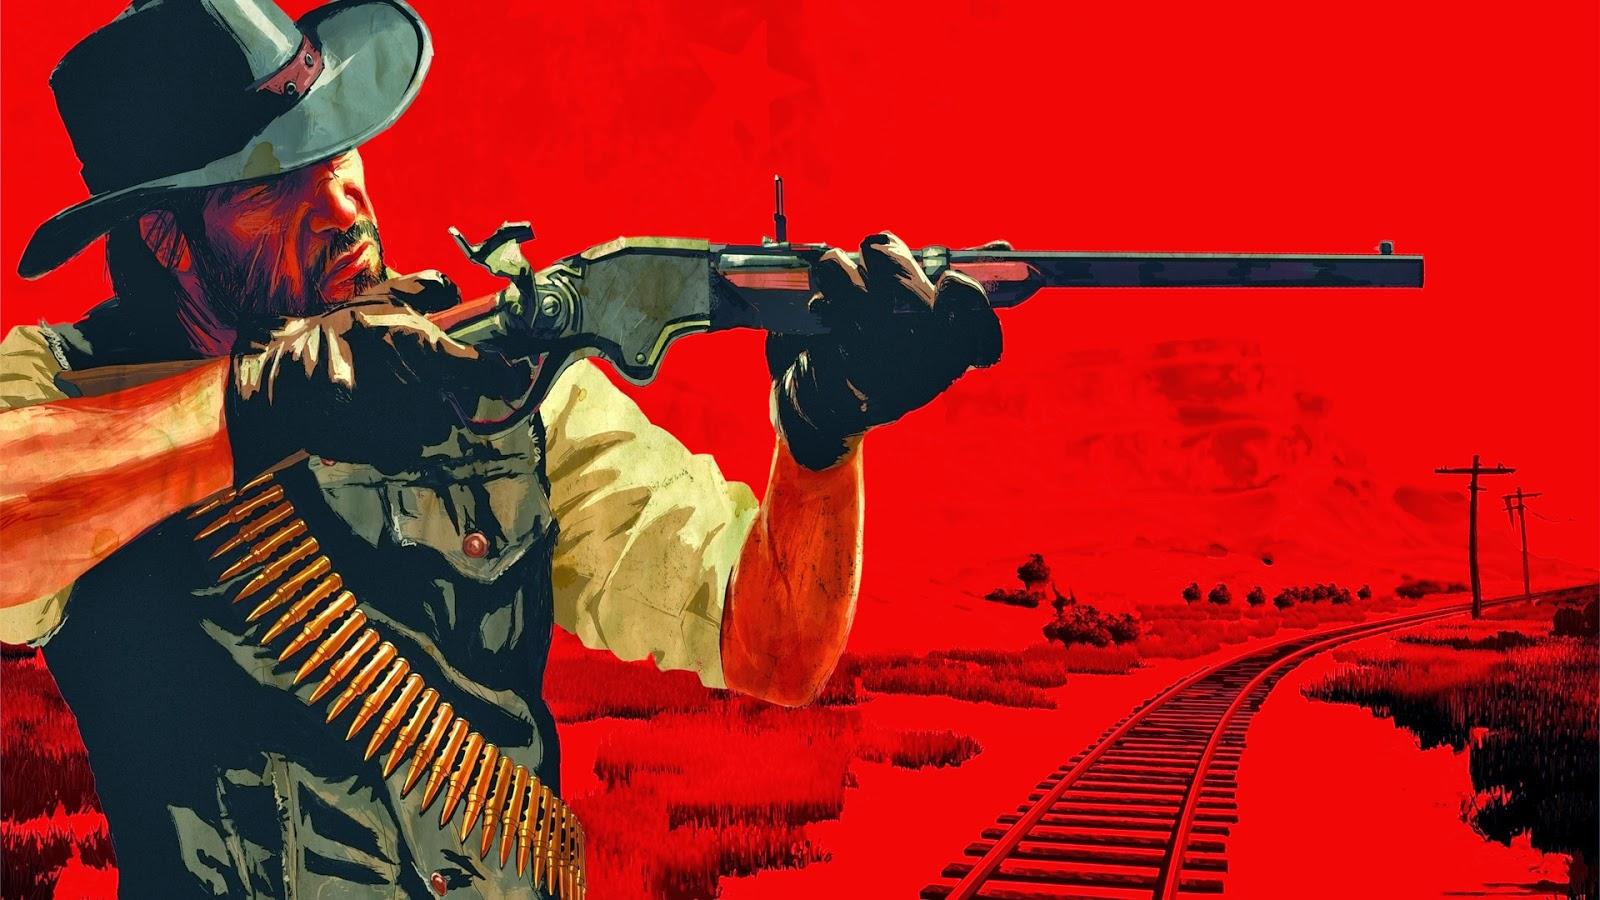 Ipad Retina Hd Wallpaper Rockstar Games: CervelloNe(rd): Red Dead Redemption Un Vero Capolavoro